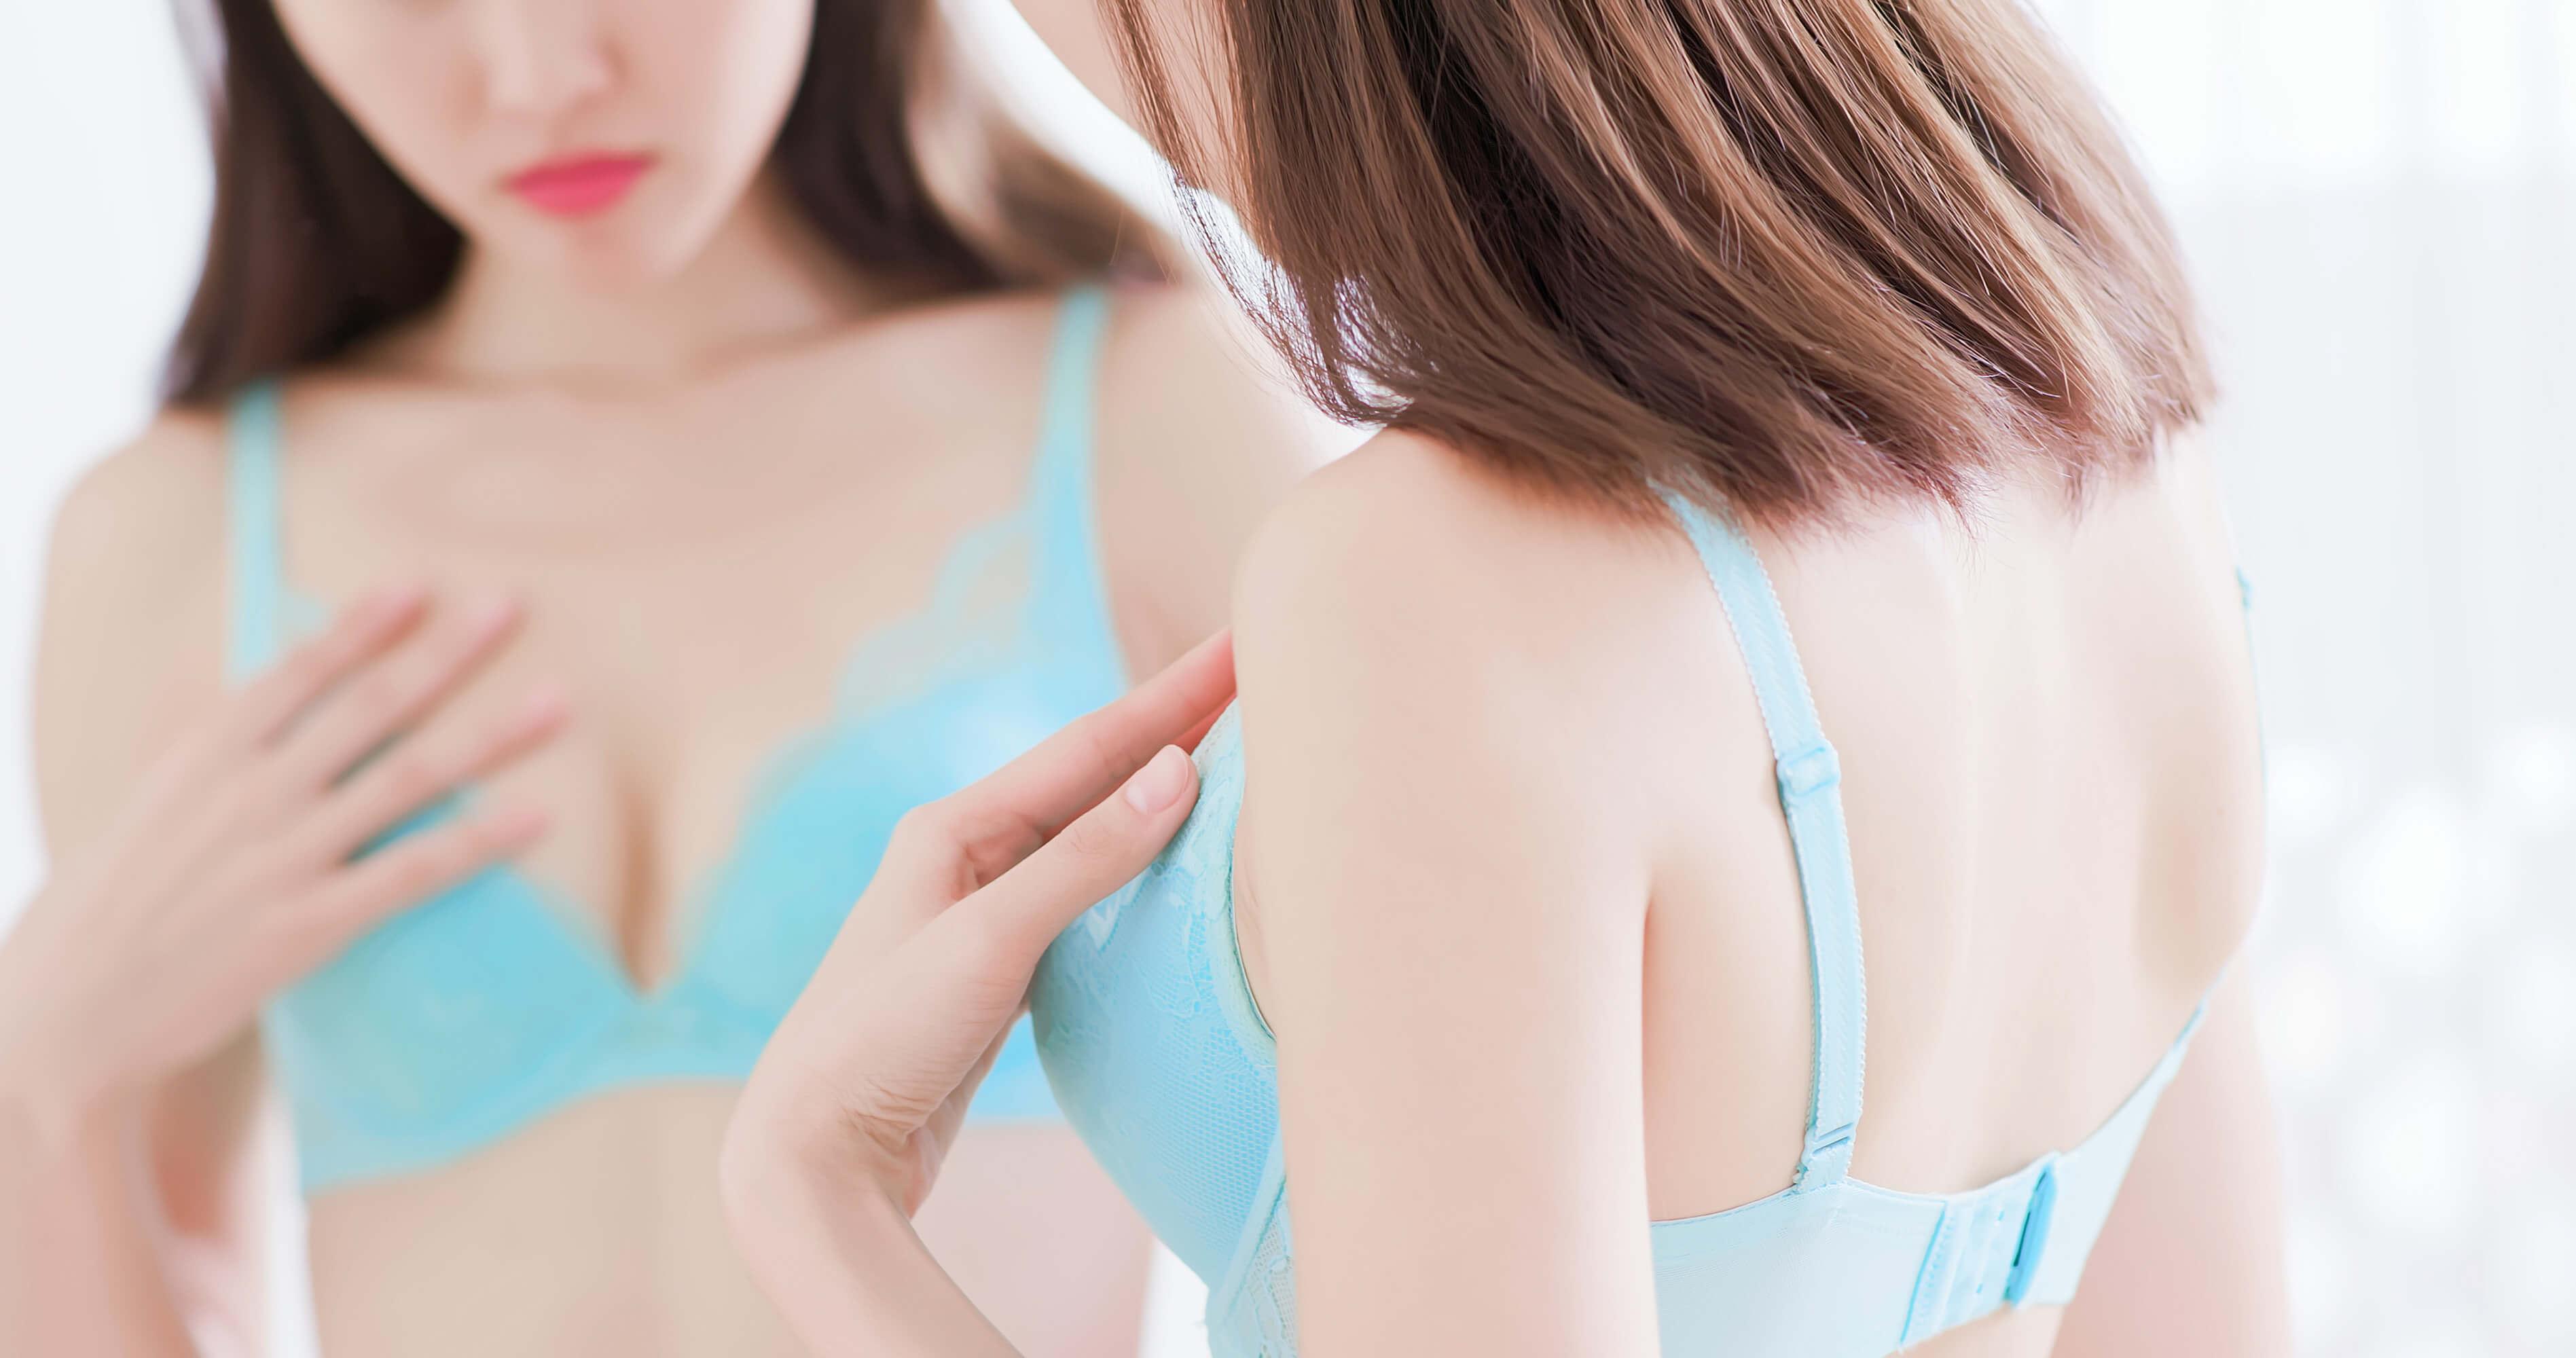 隆乳手術費用